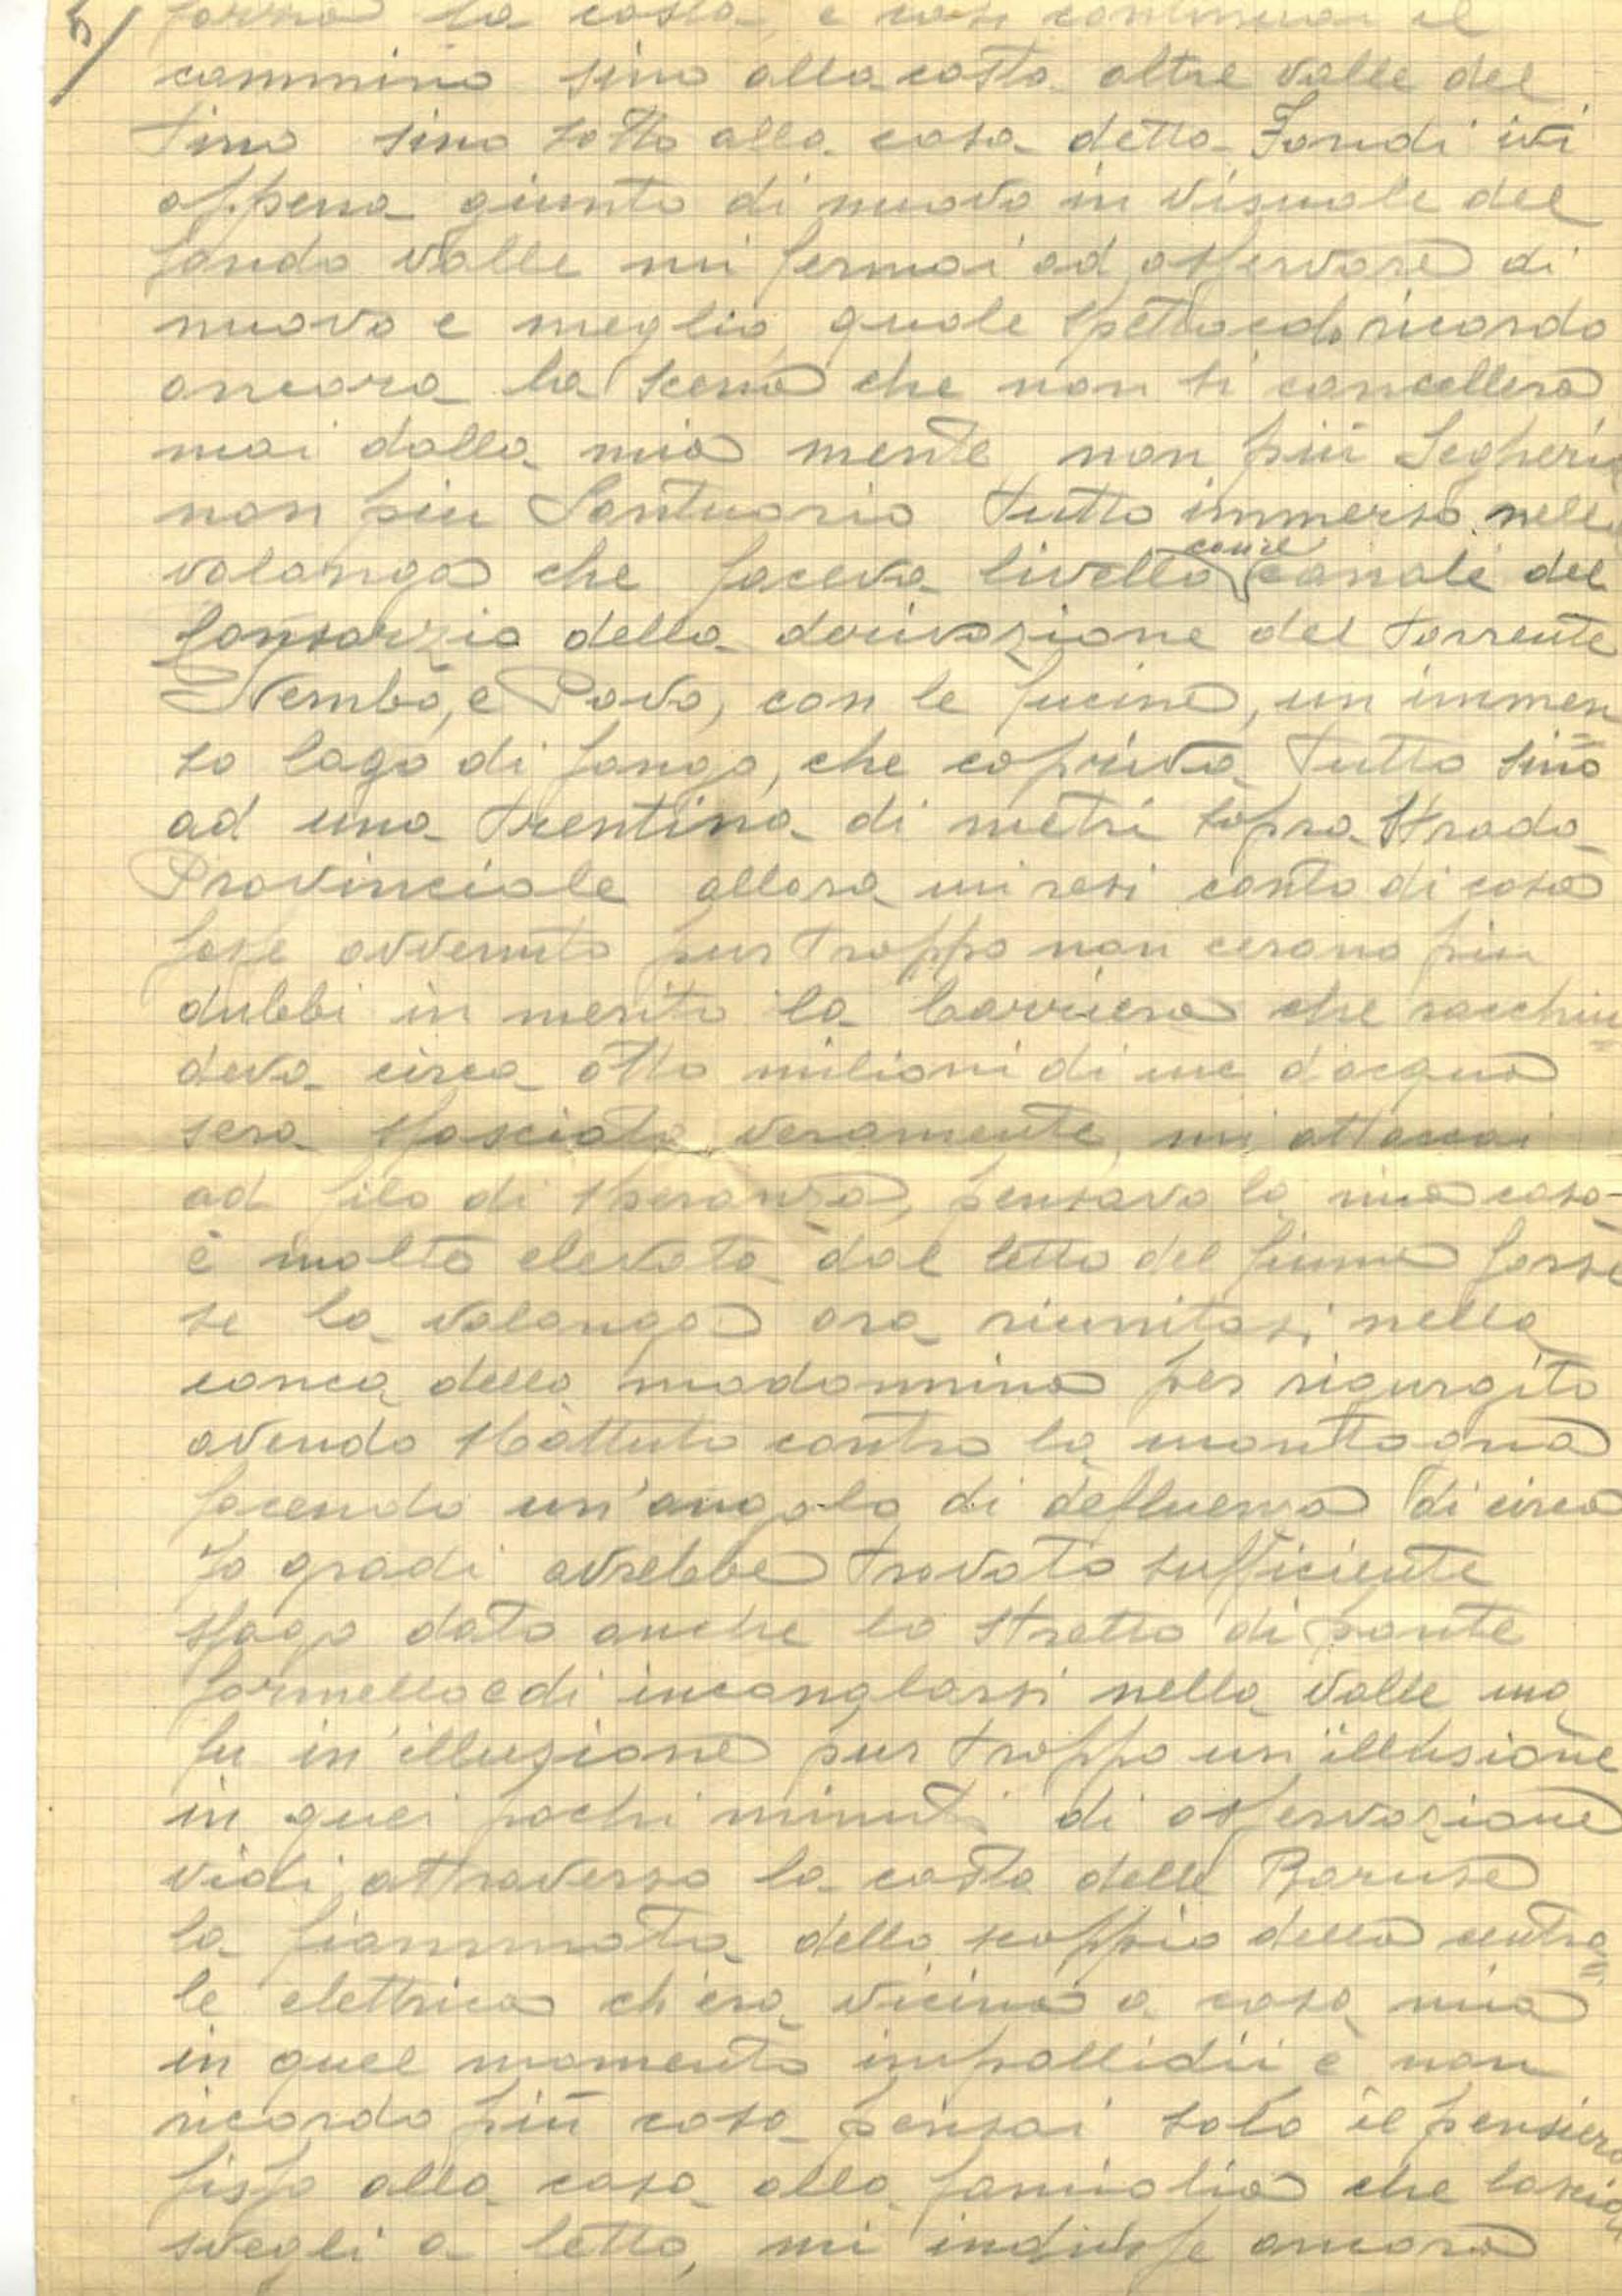 Lettera di Baldoni Angelo_05